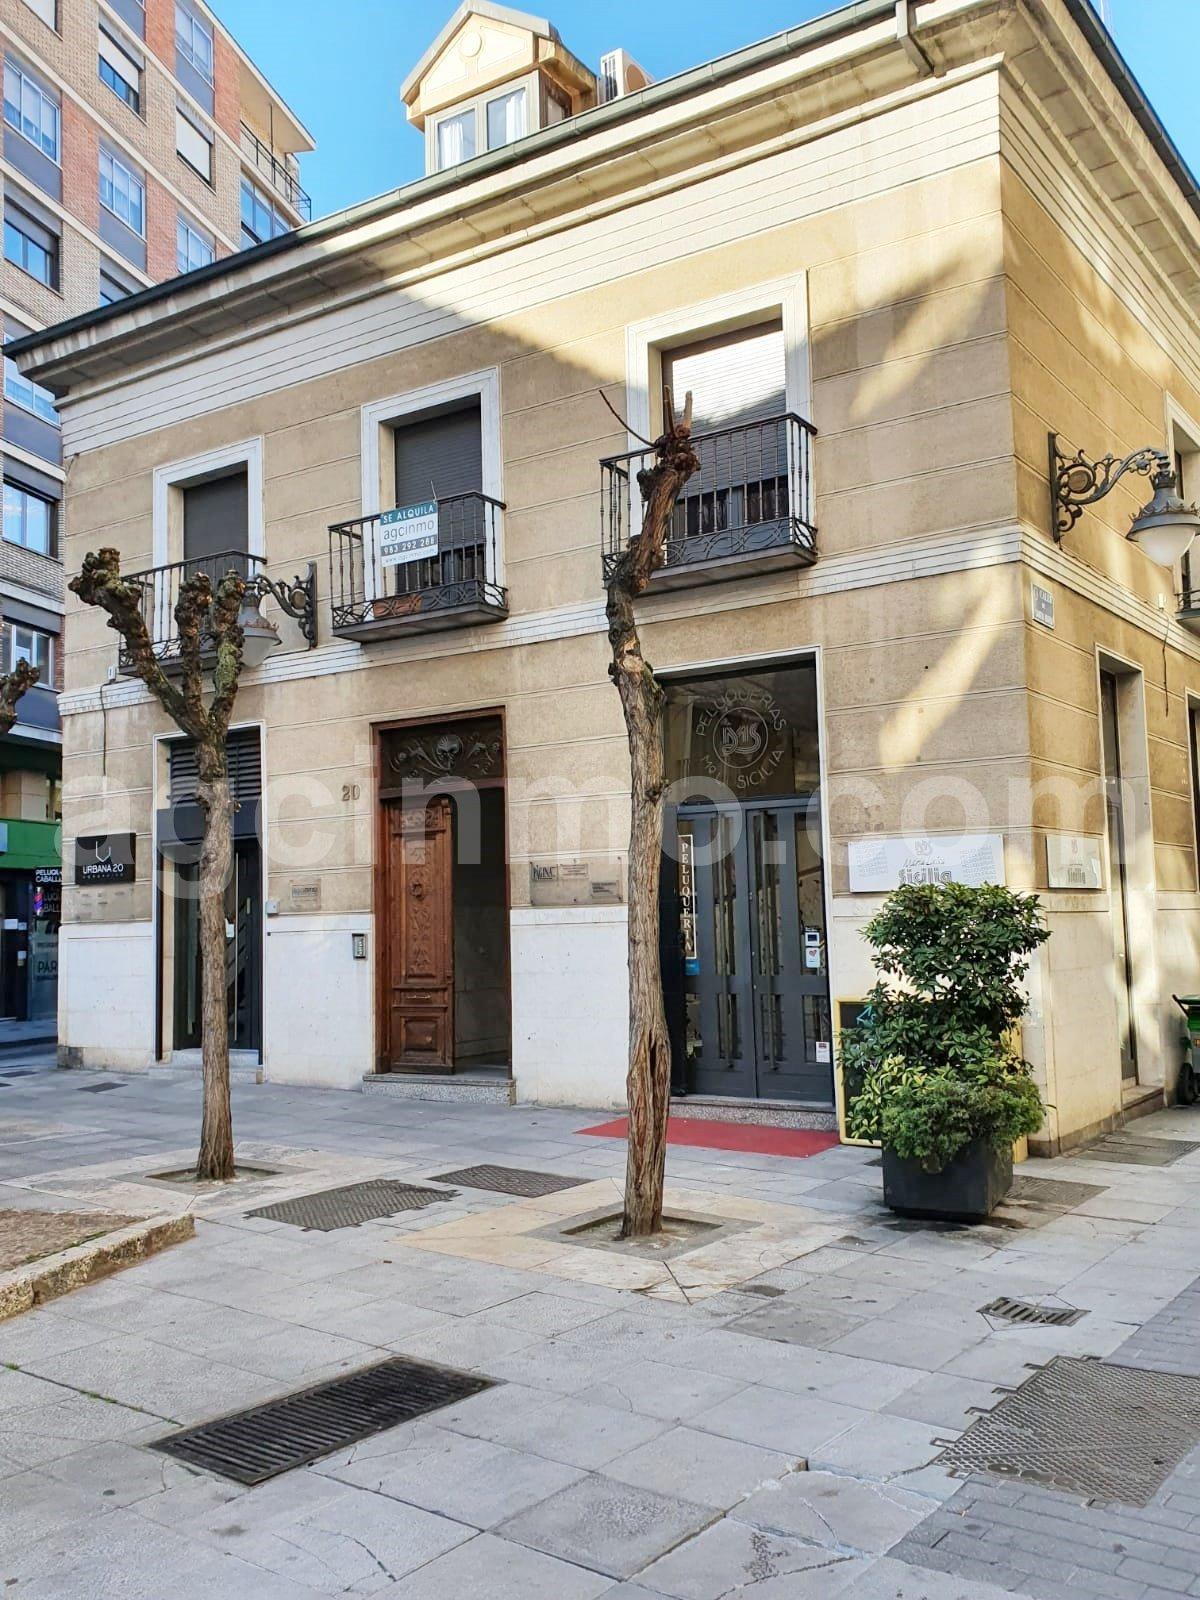 Oficina en alquiler en Centro, Valladolid